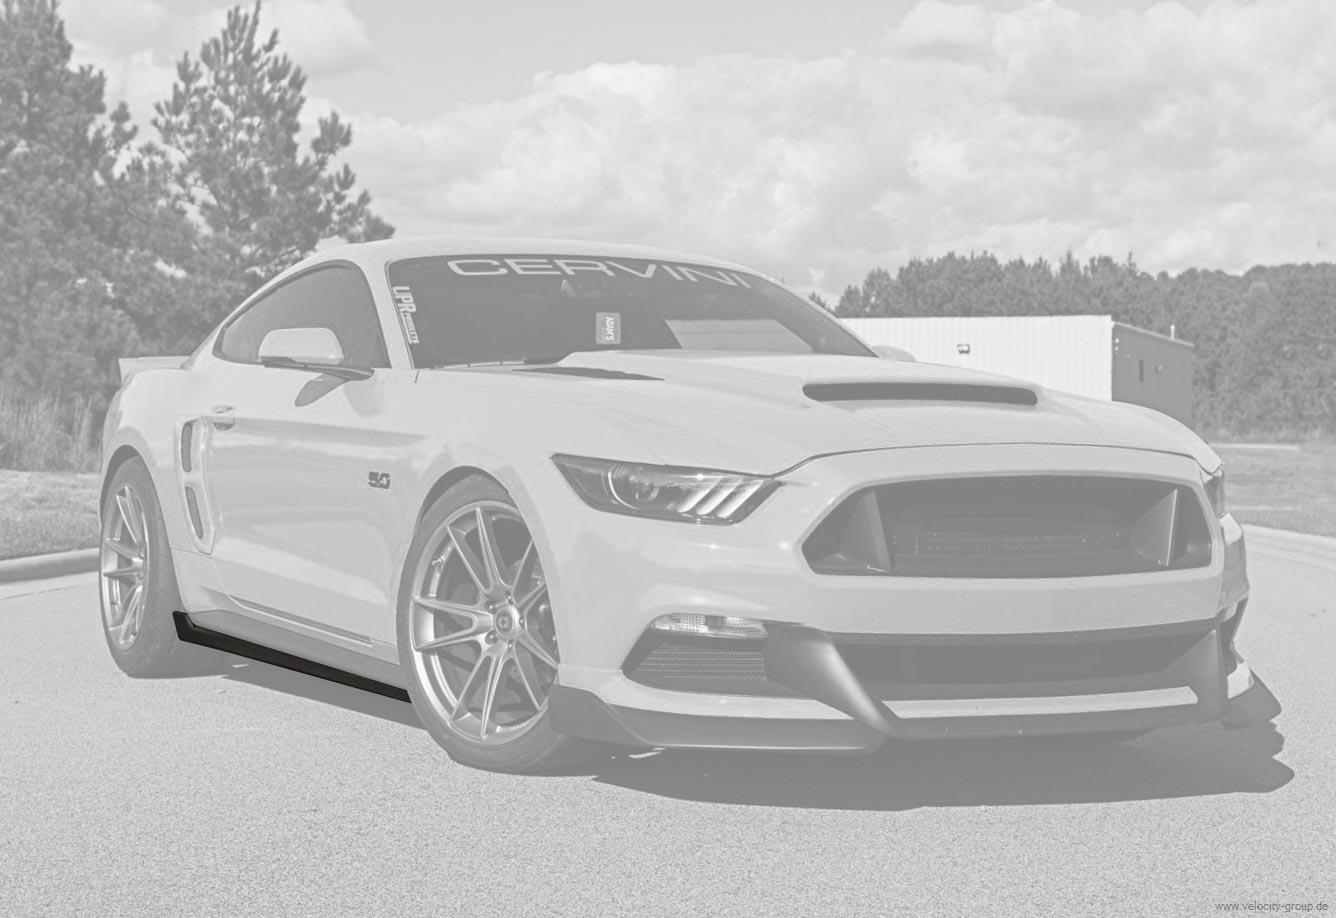 15-20 Ford Mustang Seitenschweller - Cervinis - Stalker Design